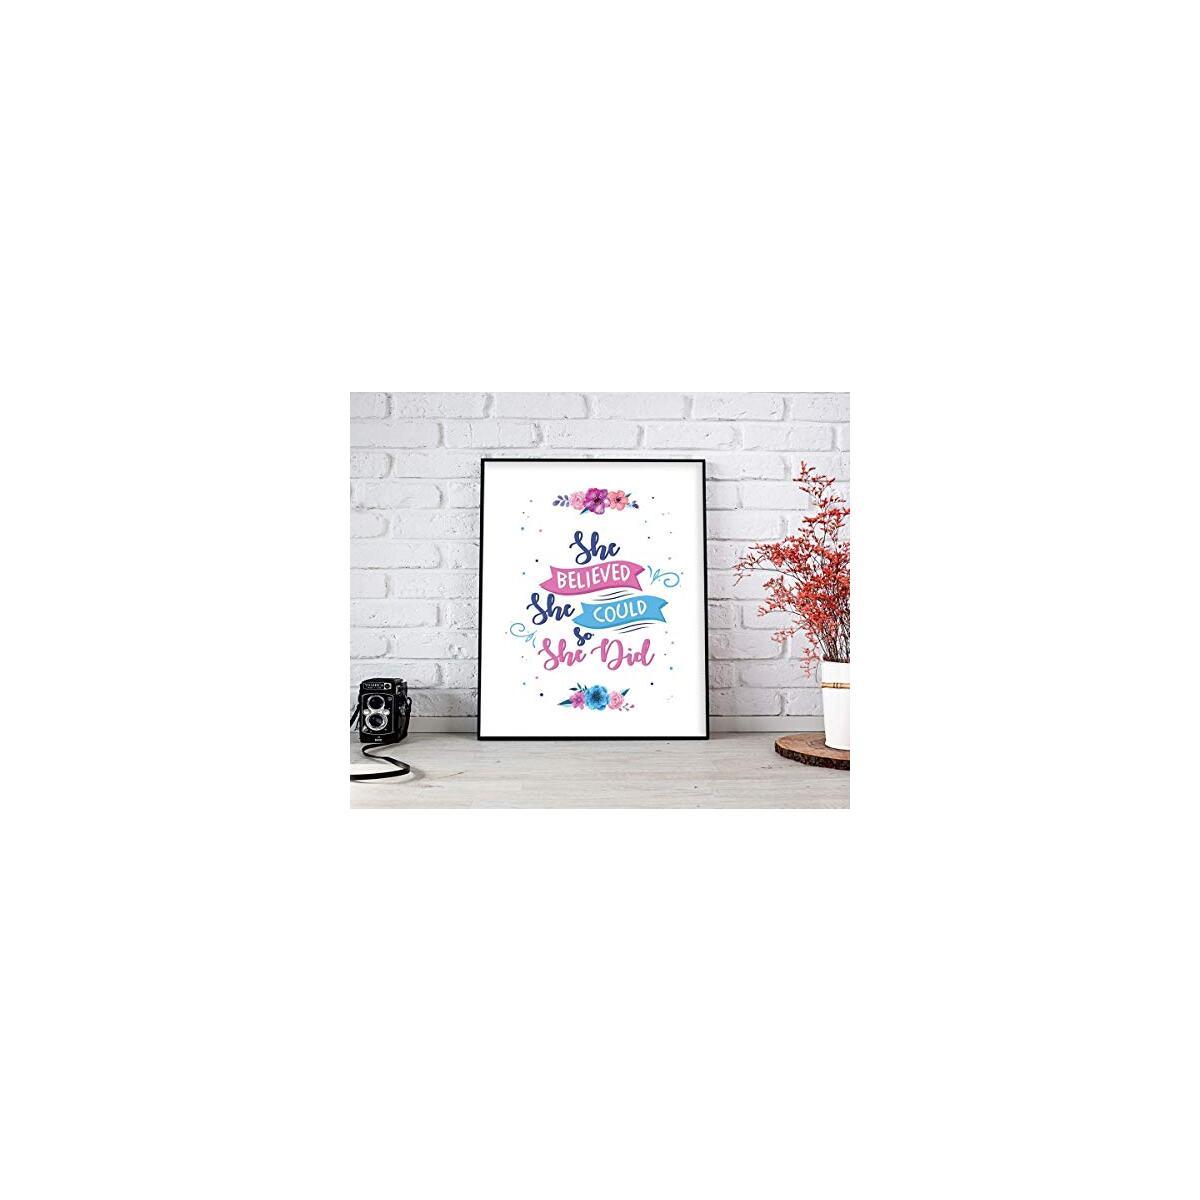 Bedroom decor for women